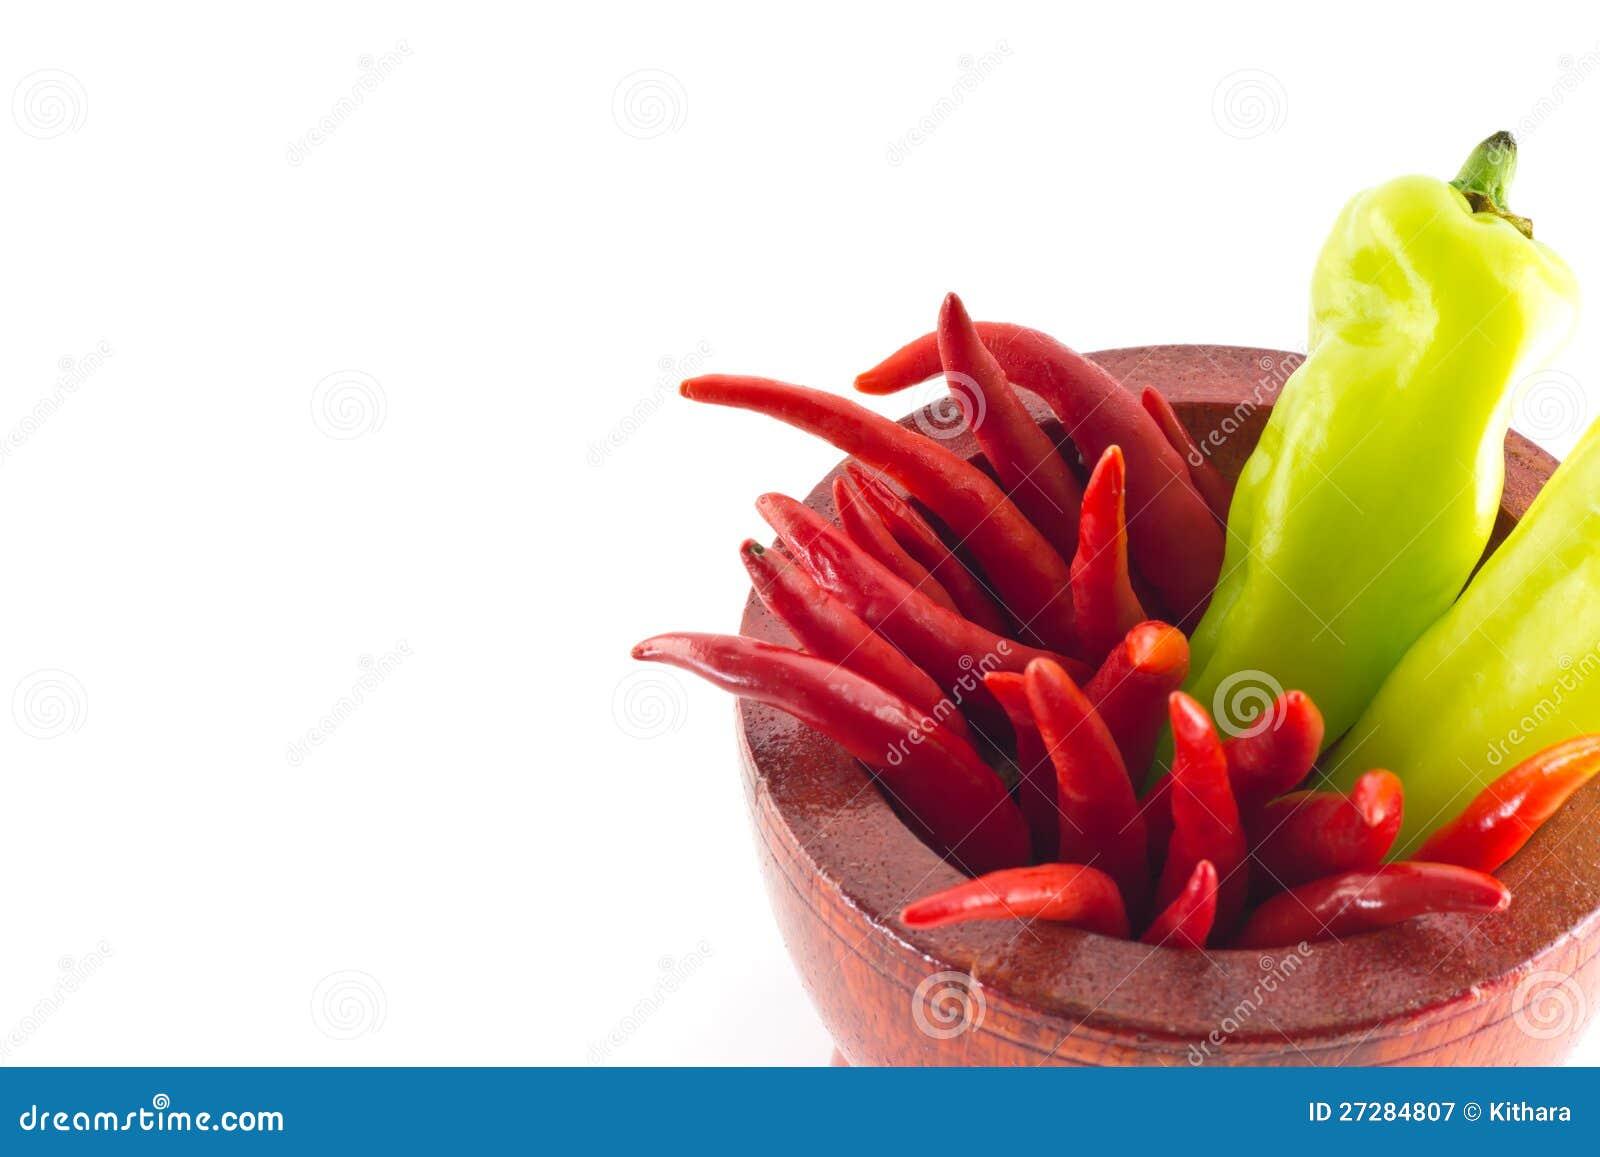 Söt grön chili och glödhet chili